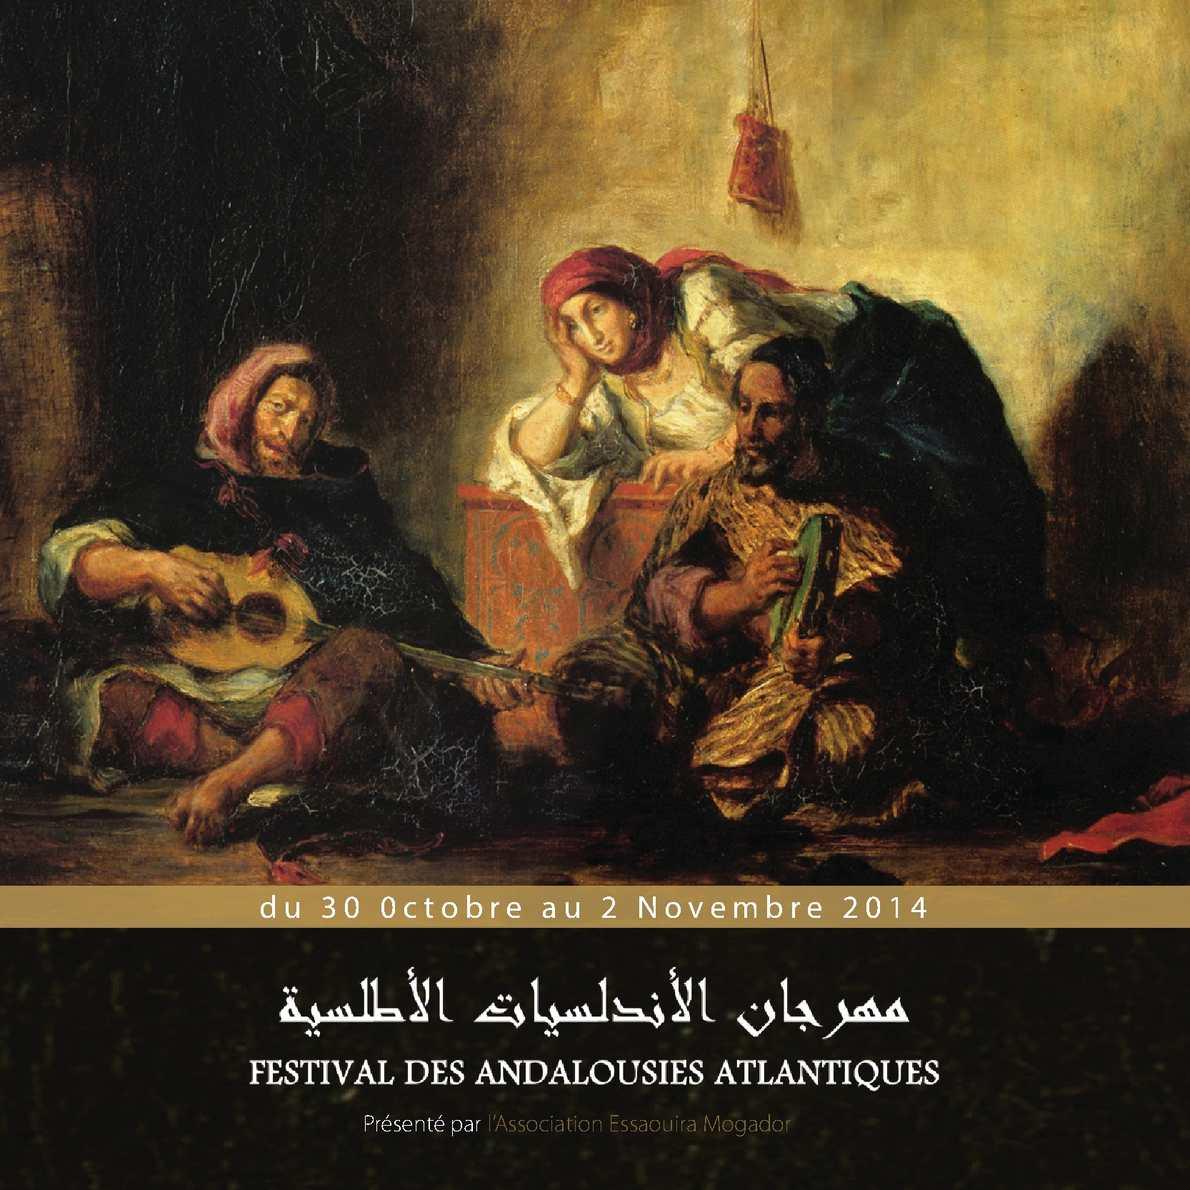 Festival Des Andalousies Atlantiques 2014